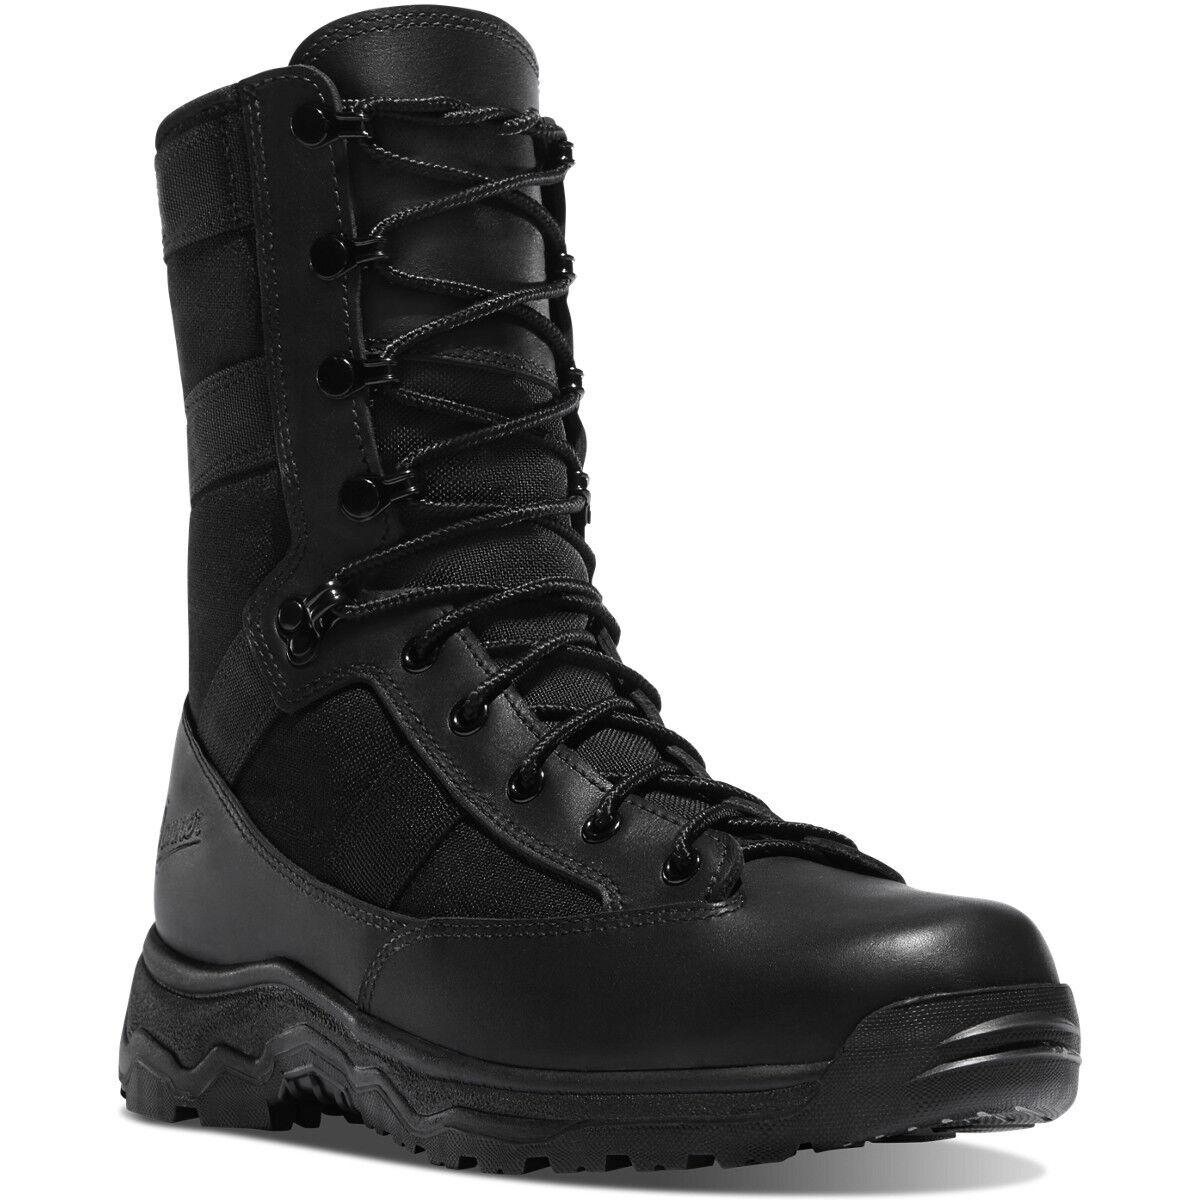 Nuevo En Caja Danner para hombre Reckoning 8  bota De Combate Negro Talla 16 D precio minorista sugerido por el fabricante  279.95